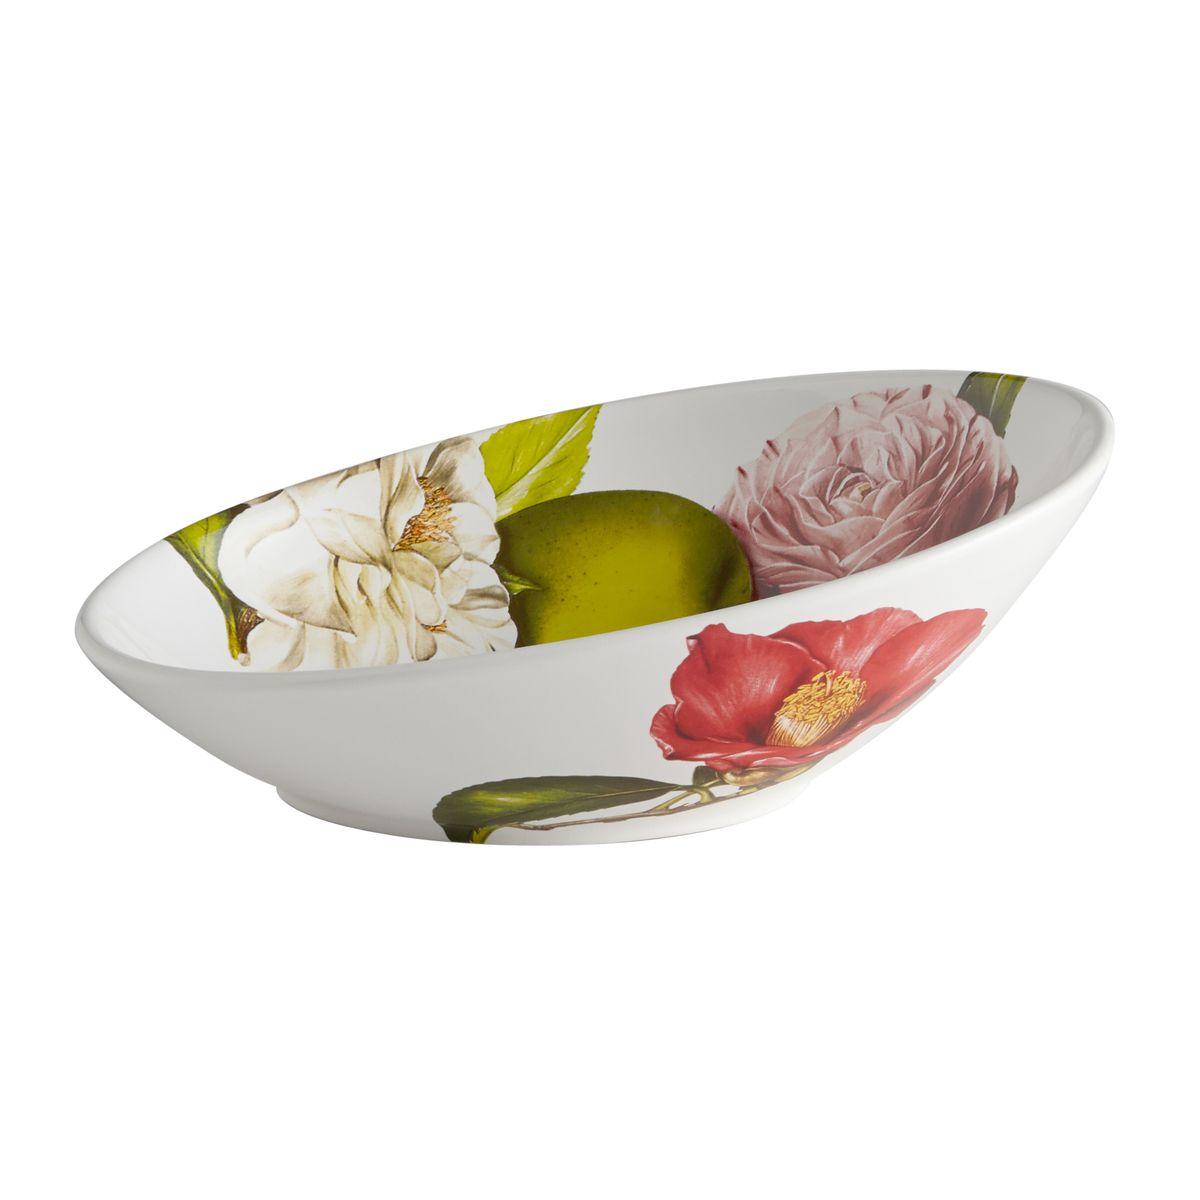 Салатник овальный Яблоки и камелии. CV2-48239-ALCV2-48239-ALКерамическая посуда итальянской фабрики «Ceramiche Viva» известна не только своим превосходным качеством, но и удивительными, неповторимыми дизайнами, отличающими ее от любой другой керамической посуды.Помимо внешней привлекательности посуда «Ceramiche Viva» обладает и прекрасными практическими свойствами: посуду «Ceramiche Viva» можно мыть в посудомоечной машине и использовать в микроволновой печи. Не разрешается применять при мытье посуды абразивные порошки. Поверхность изделий покрыта высококачественной глазурью, не содержащей свинца.